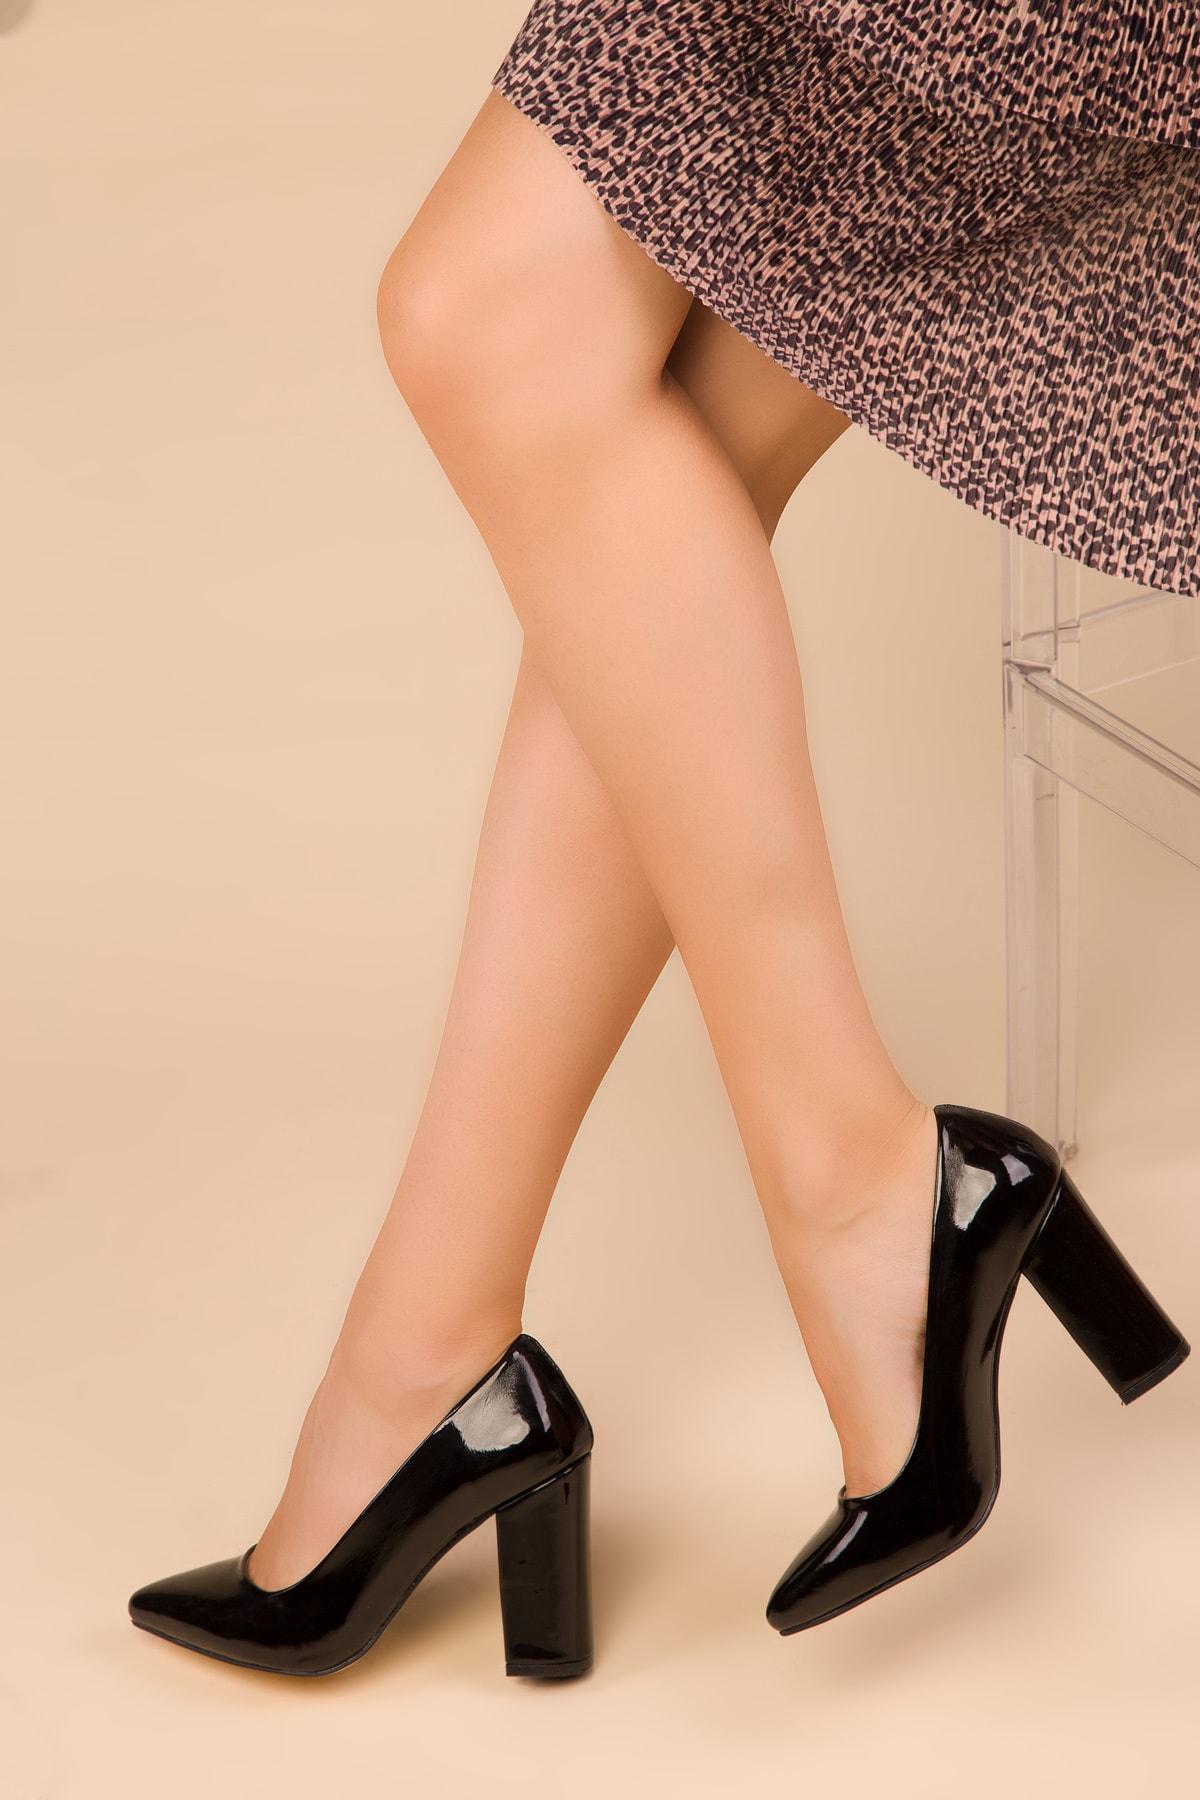 SOHO Siyah Rugan Kadın Klasik Topuklu Ayakkabı 15313 1